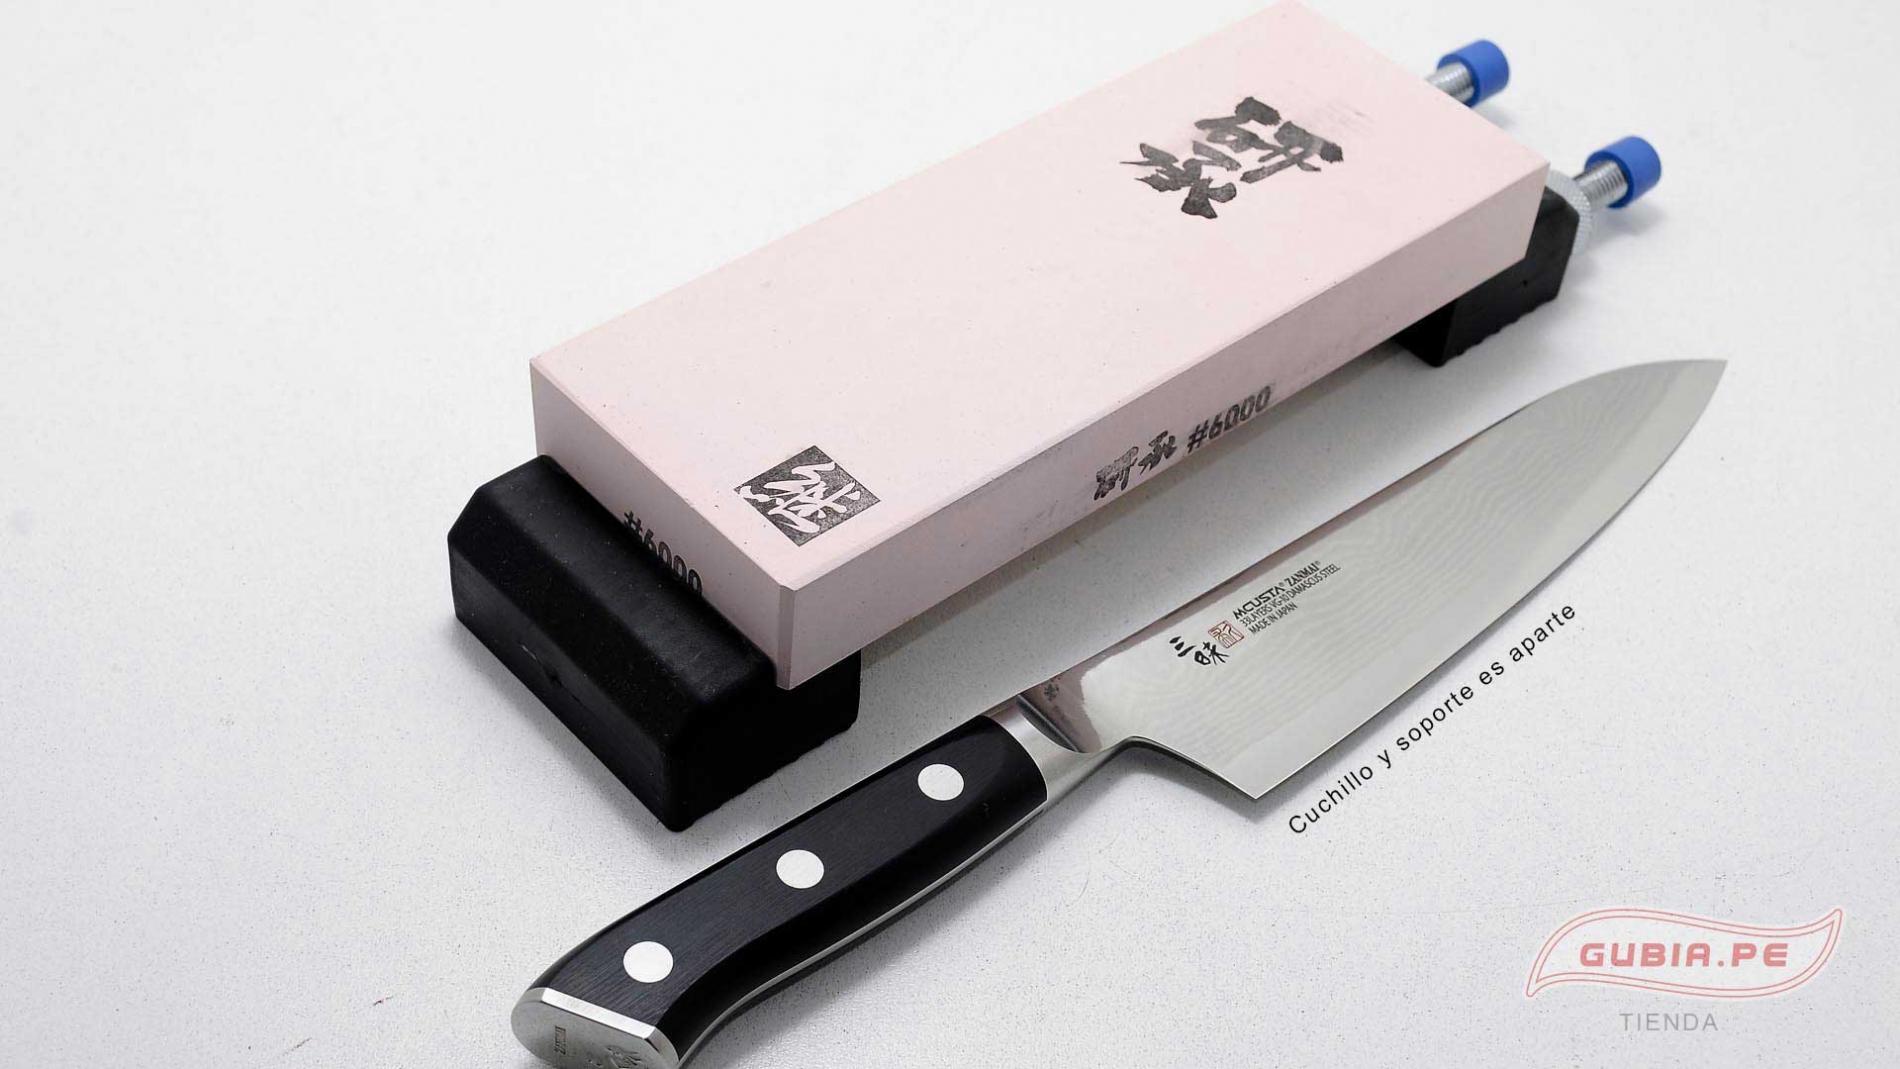 KSK6000-Piedra de asentar 6000 pulir filo de cuchillos Ken Syou Kei-max-1.